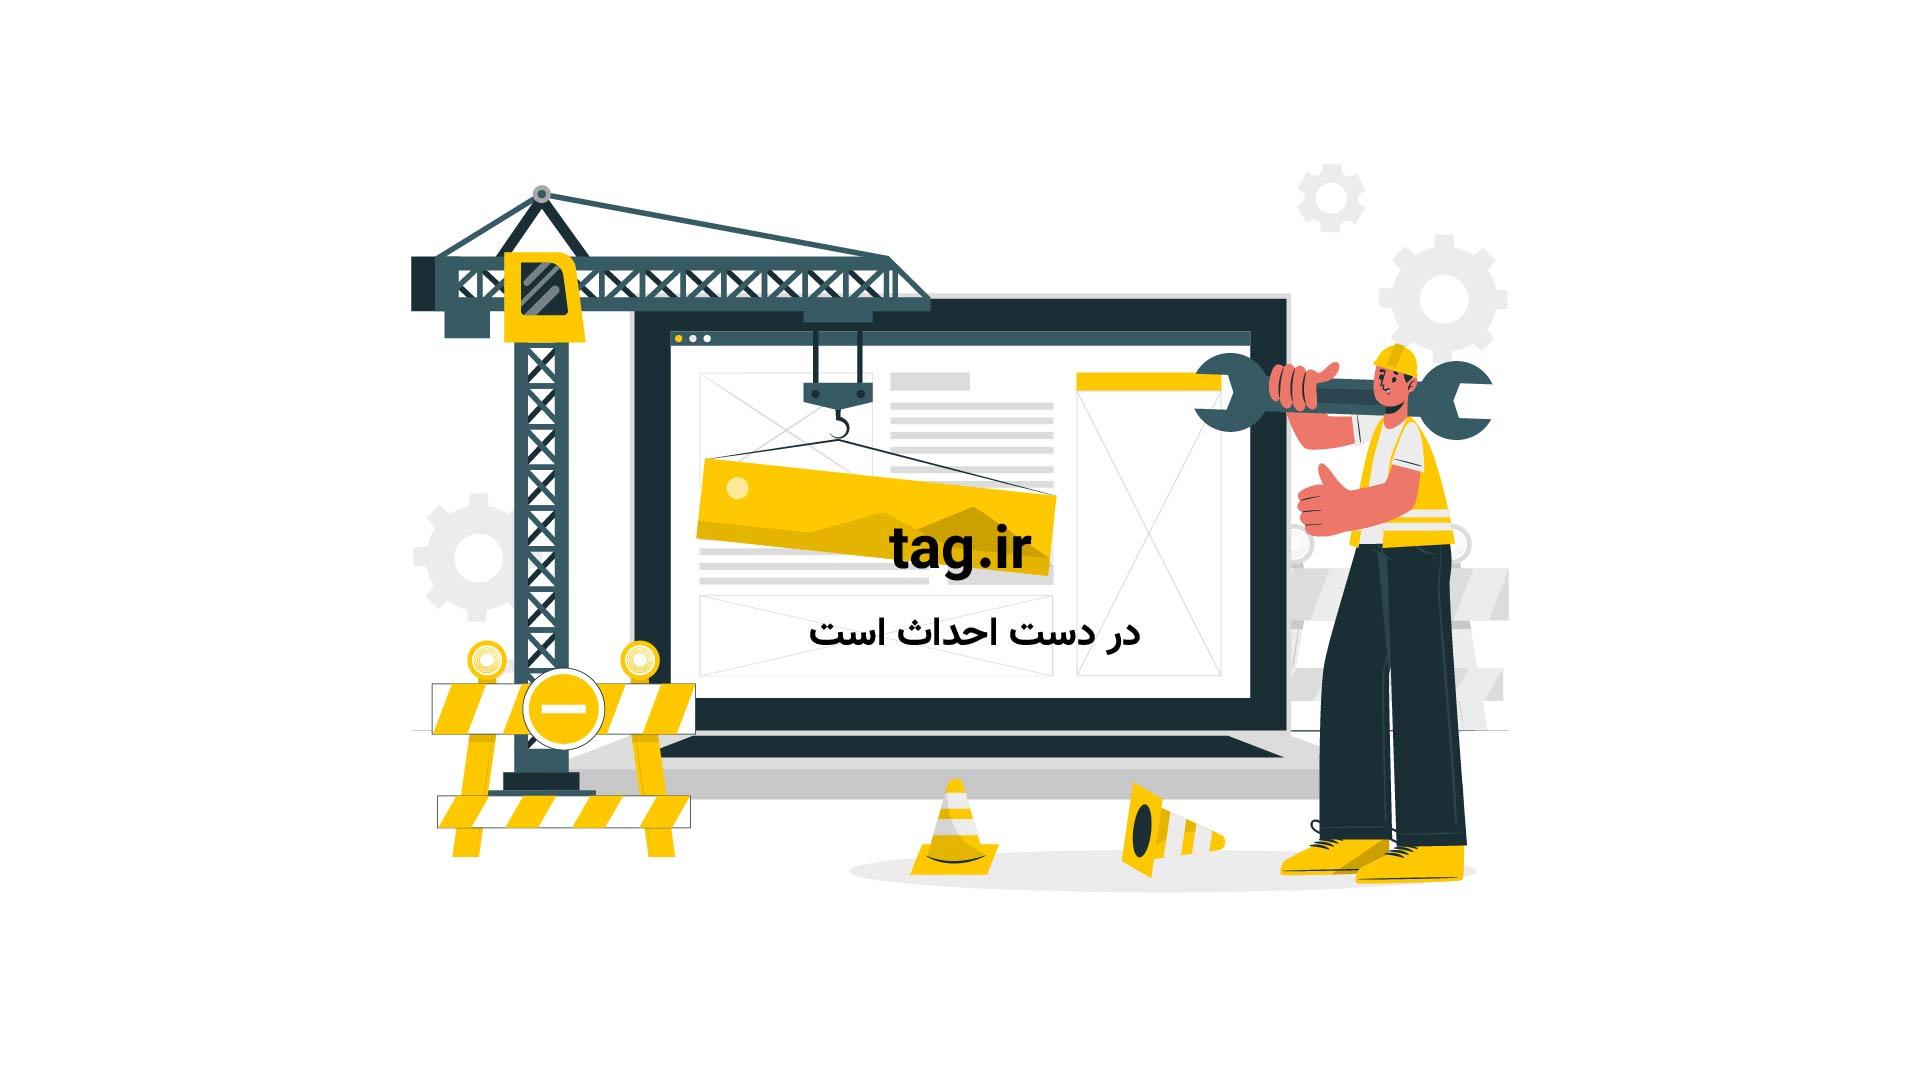 دریافت سیگنال رادیویی از فضا؛ آیا ما در کهکشان تنهاییم | فیلم